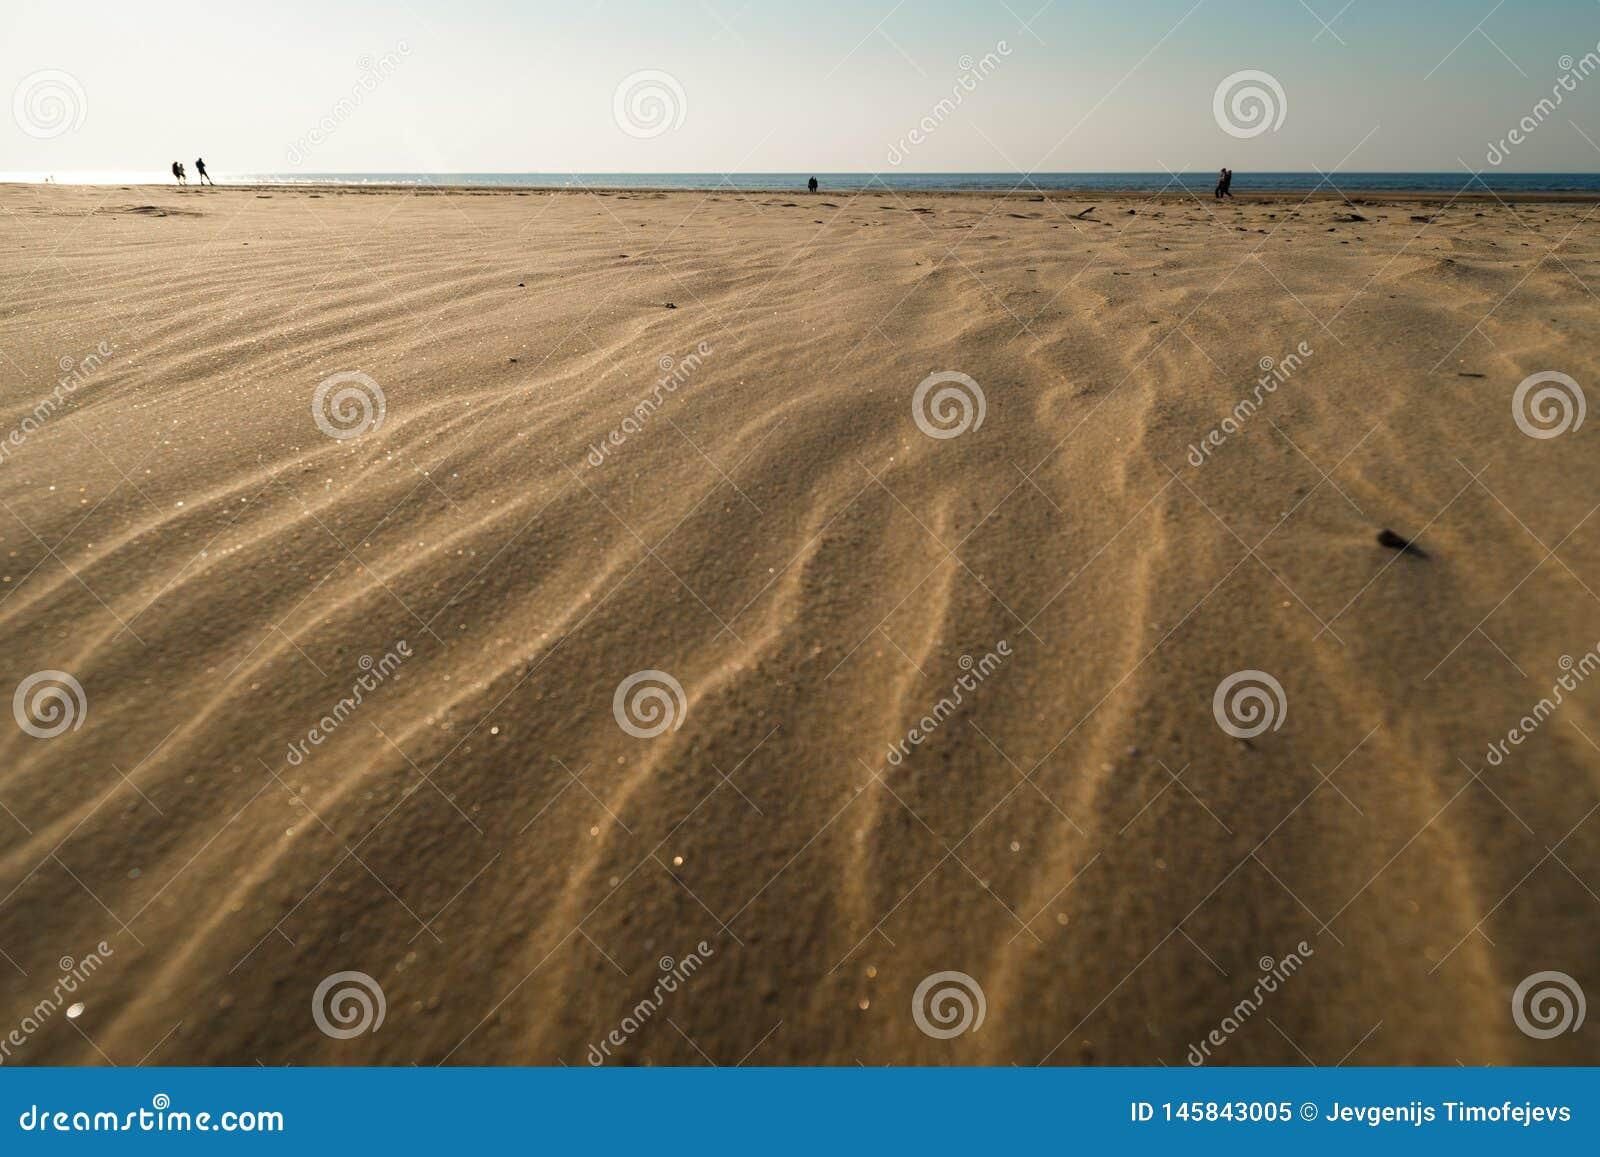 Dessert comme le sable texturis? - plage de golfe de mer baltique avec le sable blanc dans le coucher du soleil